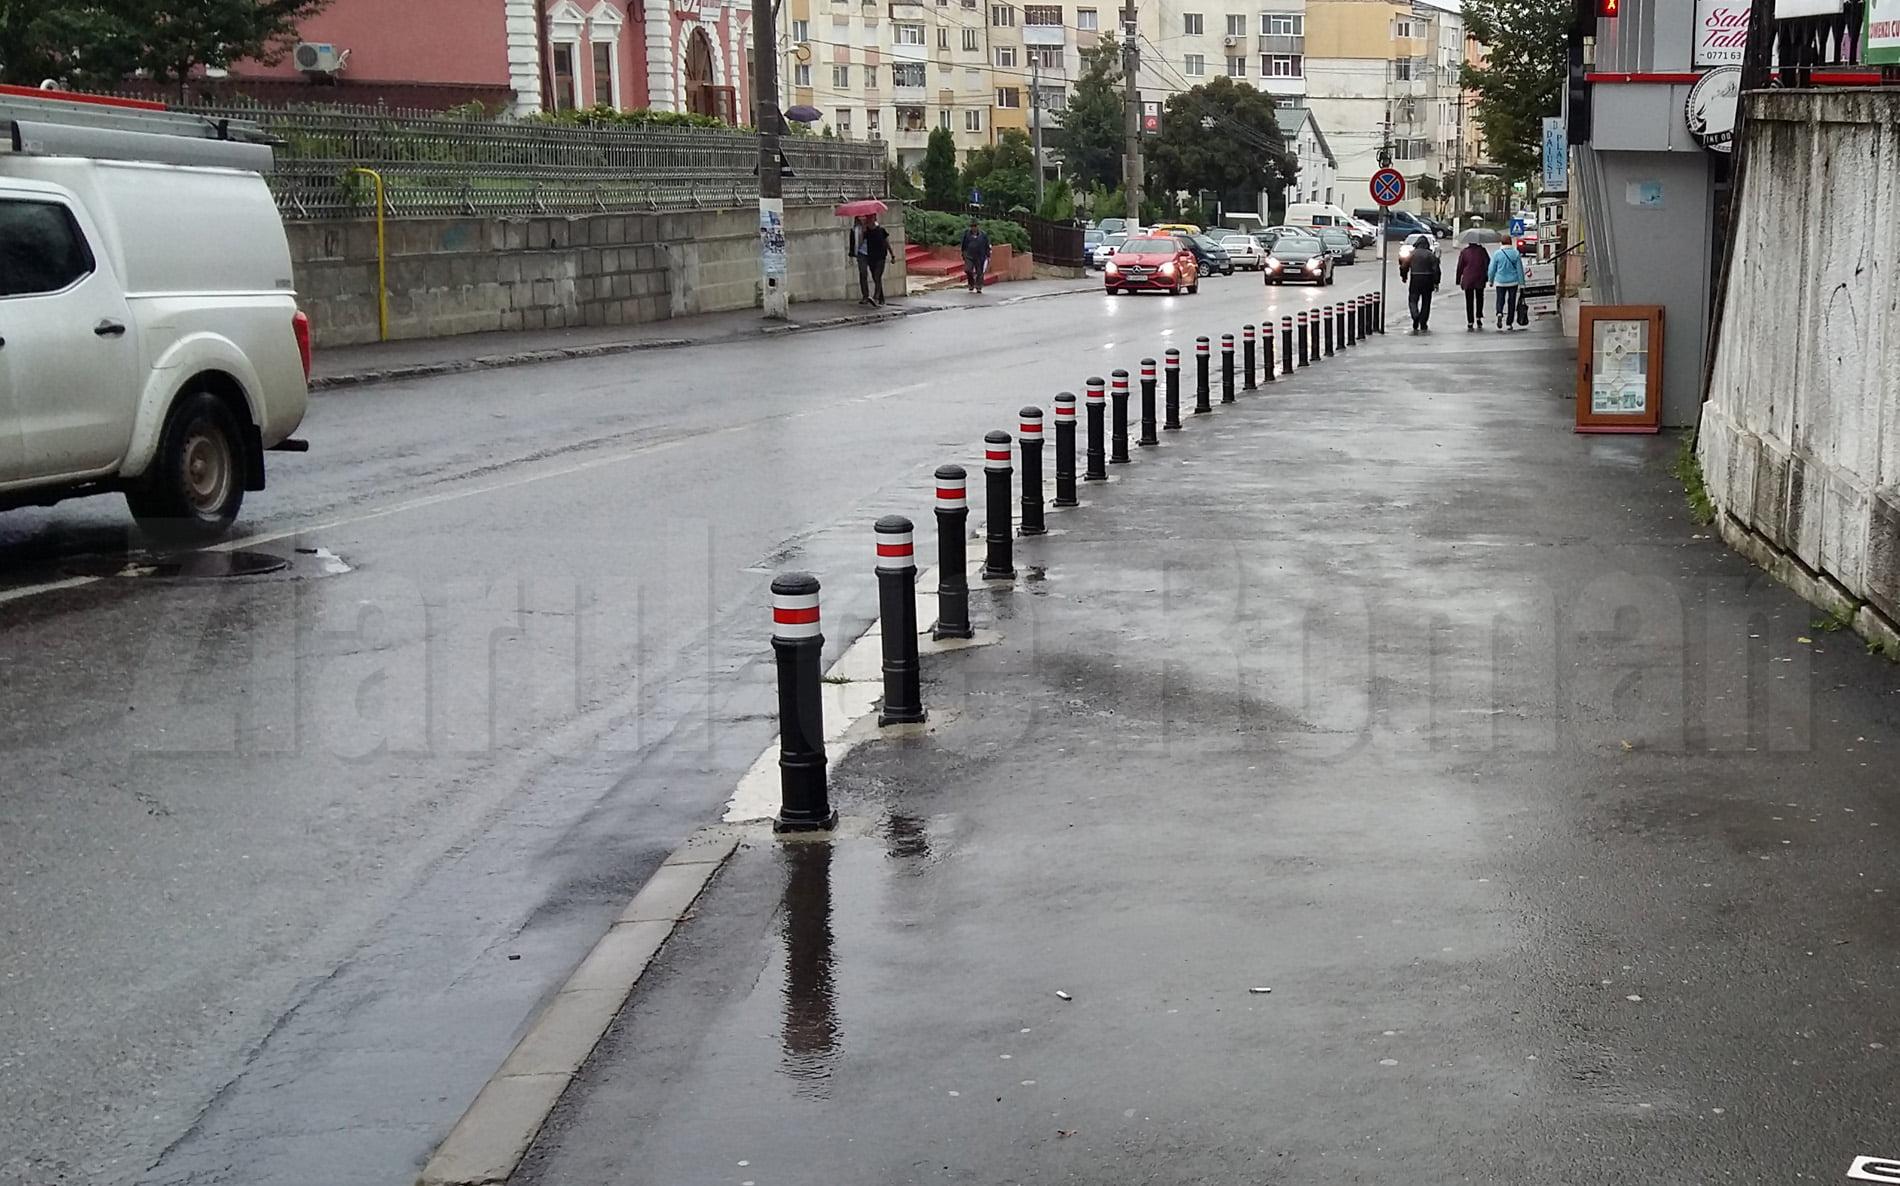 Stâlpi pentru împiedicarea accesului autoturismelor, pe trotuarul de pe strada Bogdan Dragoș